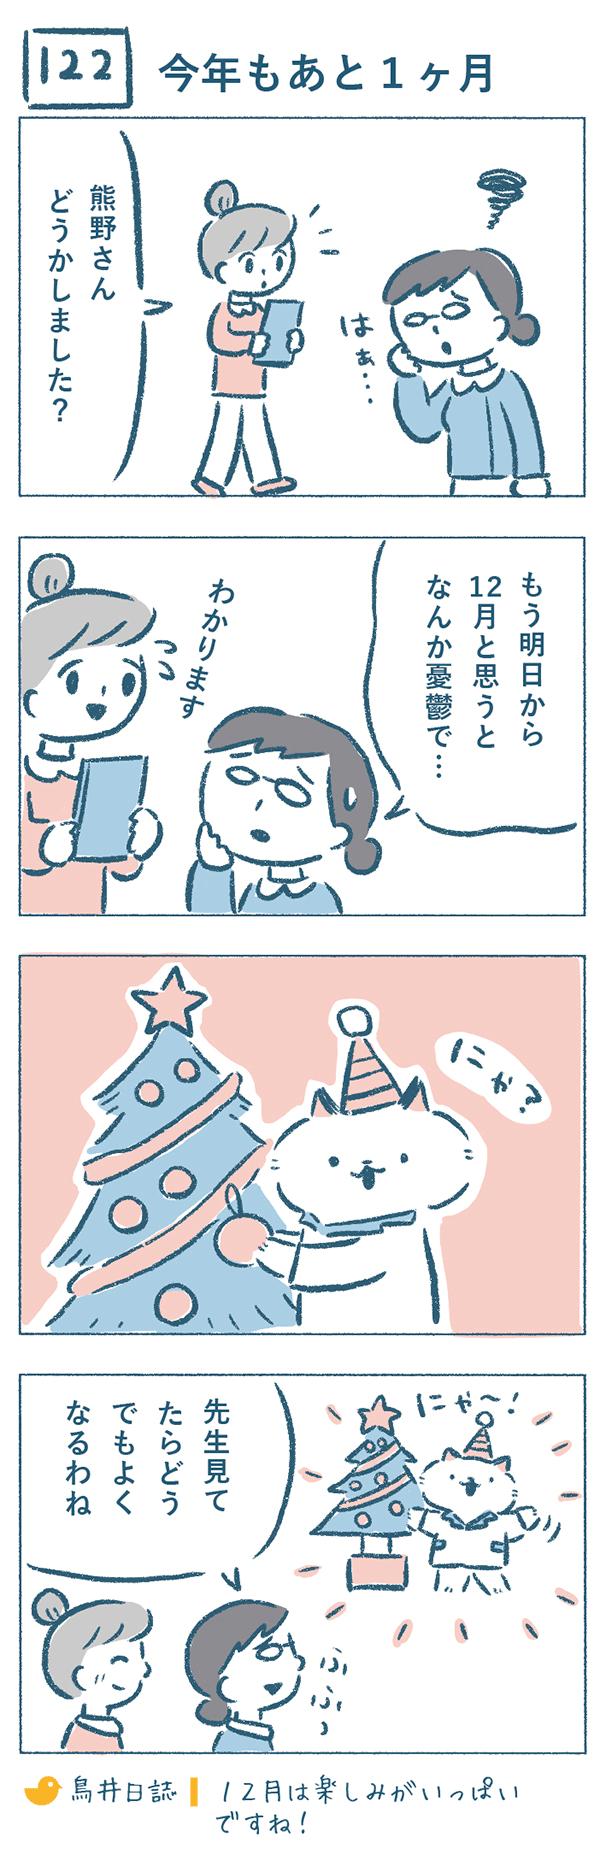 タイトル:今年もあと1ヶ月。11月末のある日、熊野さんが大きなため息をつくのを見つけました。奈央子は、「どうかしました?」と聞くと、熊野さんは「もう明日から12月と思うとなんか憂鬱で…。」と答えました。そんな中ねこやま先生はというと、元気にクリスマスツリーを飾り始めていました。楽しそうな先生をみて、「先生見てたらどうでもよくなるわね」と笑顔になってしまう熊野さんなのでした。